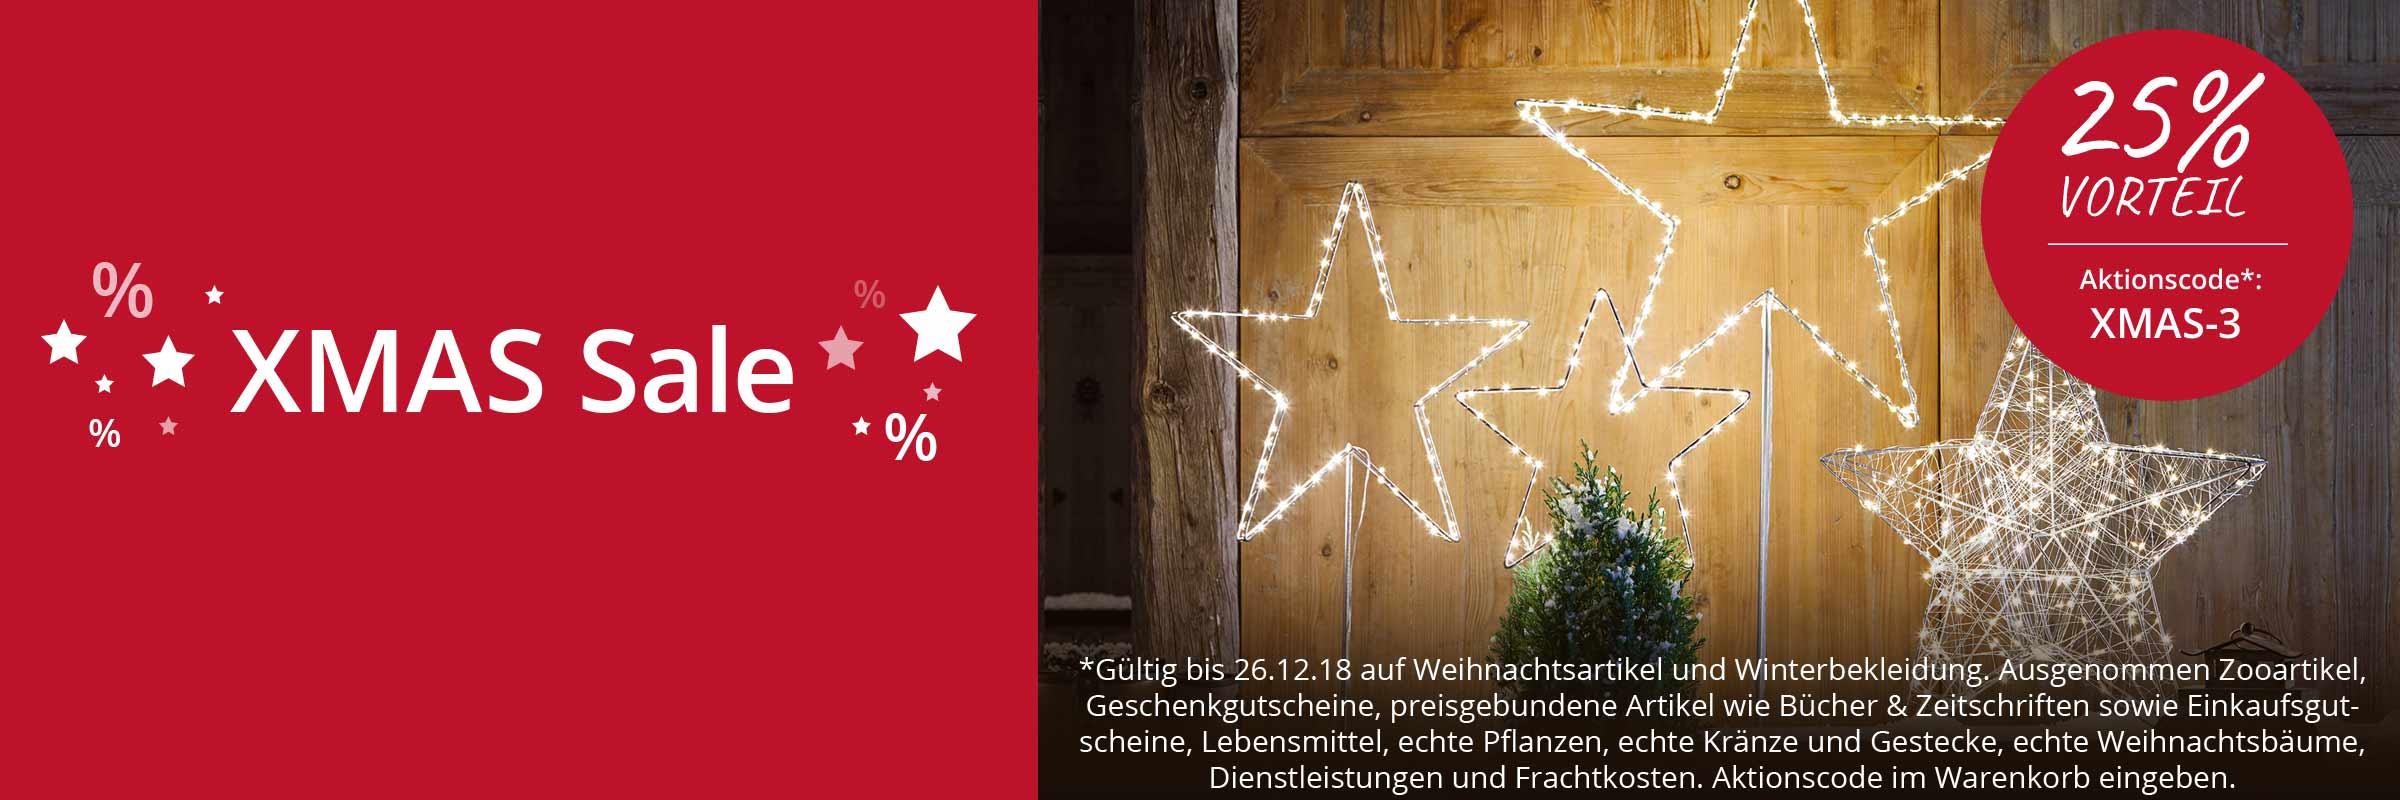 Weihnachten mit Top Artikel im Online Shop | Dehner